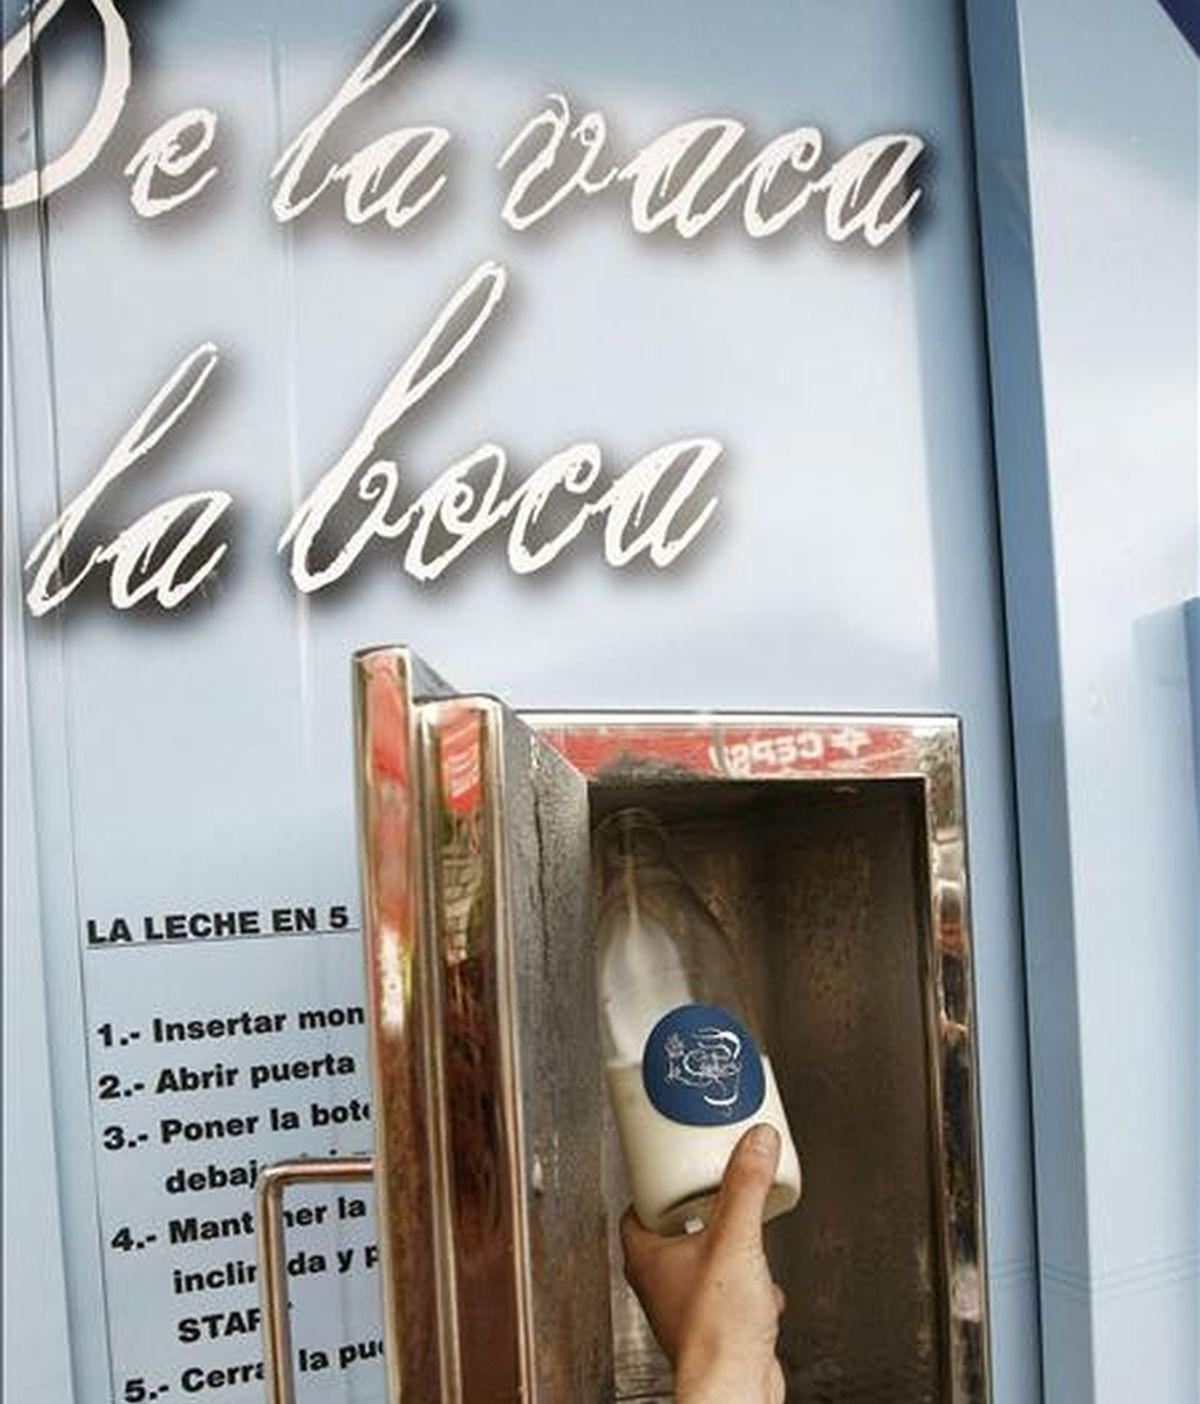 Una explotación ganadera de Cantabria ha puesto hoy en funcionamiento en Solares, por primera vez en la región, una máquina expendedora de leche natural pasteurizada, una iniciativa con la que los ganaderos intentan dar valor añadido a su producto y recuperar el sabor tradicional de la leche. EFE